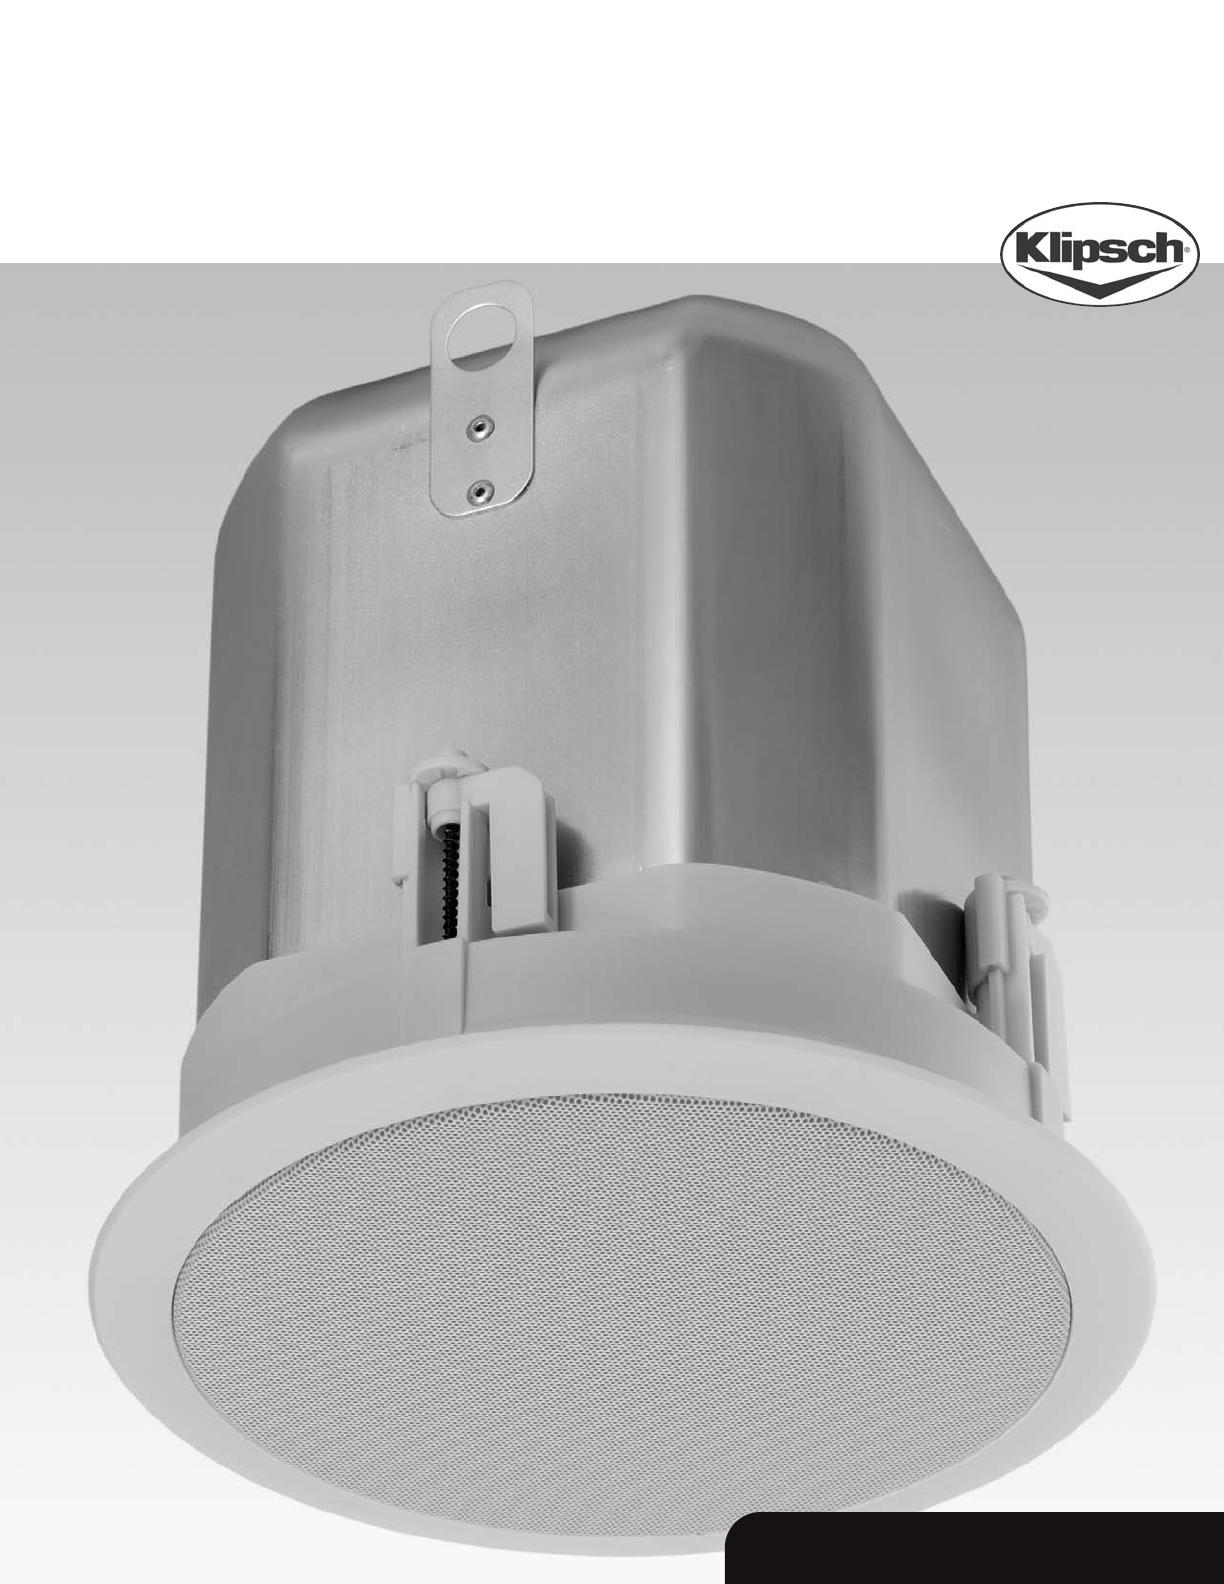 klipsch speaker ic sw 8 t 2 user guide. Black Bedroom Furniture Sets. Home Design Ideas